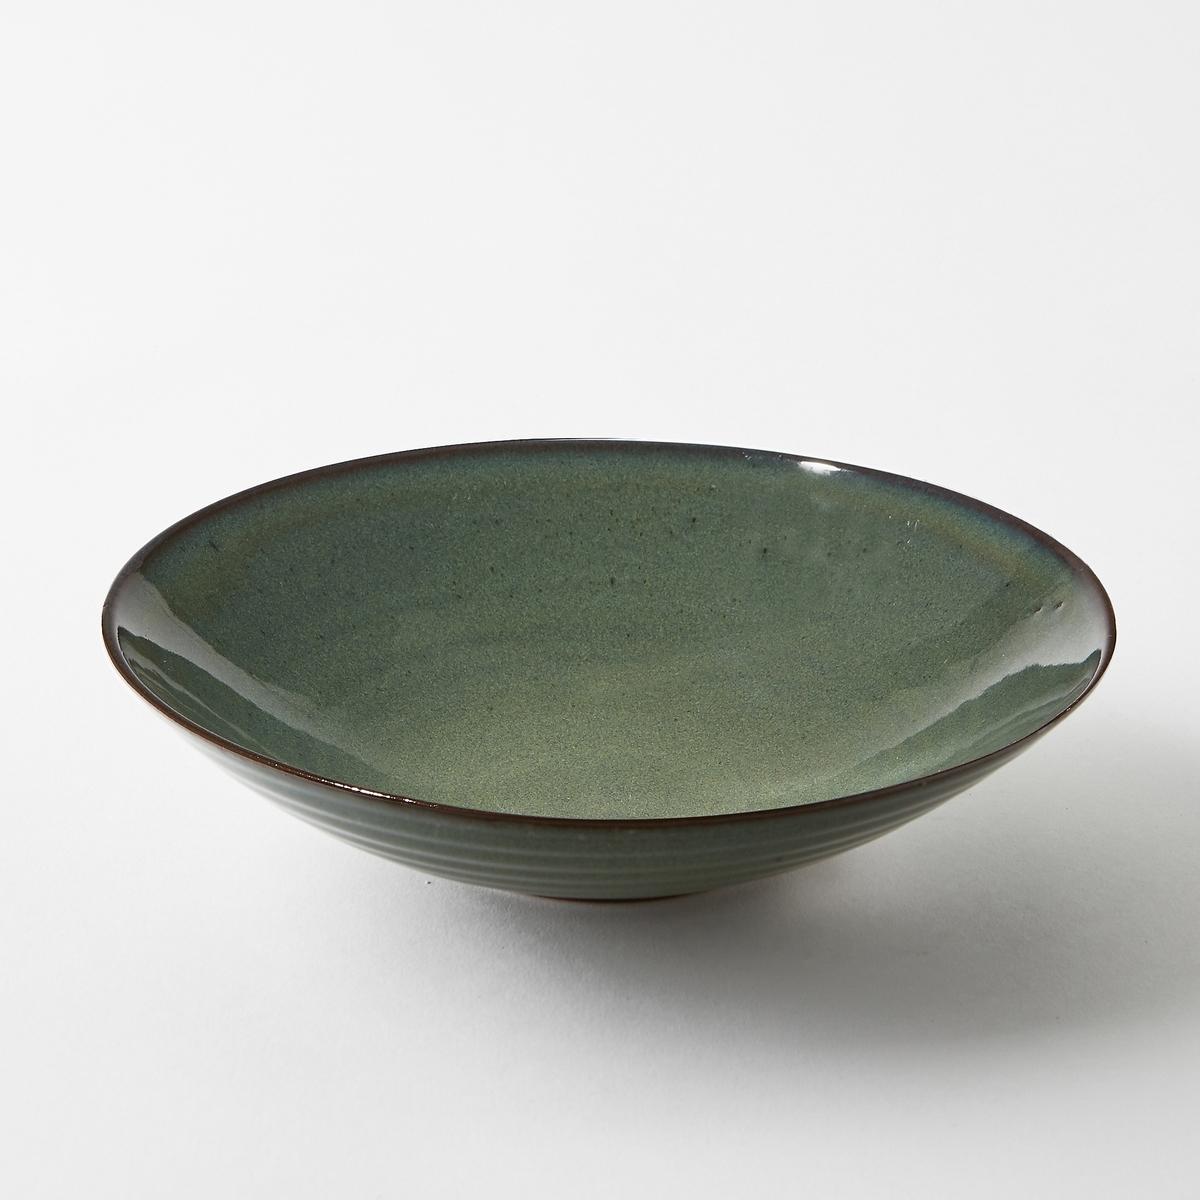 Тарелка глубокая из керамики, диаметр 23 см, Aqua от SeraxГлубокая тарелка Aqua от Serax. Новый керамический сервиз Aqua ручной работы преобразит Ваш праздничный стол. Тарелки синеватых тонов придают ощущение прохлады в летние месяцы.Характеристики :- Из керамики, покрытой глазурью. - Можно использовать в посудомоечных машинах и микроволновых печах - Вся коллекция Aqua на сайте ampm.ru Размеры  : - диаметр 23 x высота 6 см.<br><br>Цвет: синий